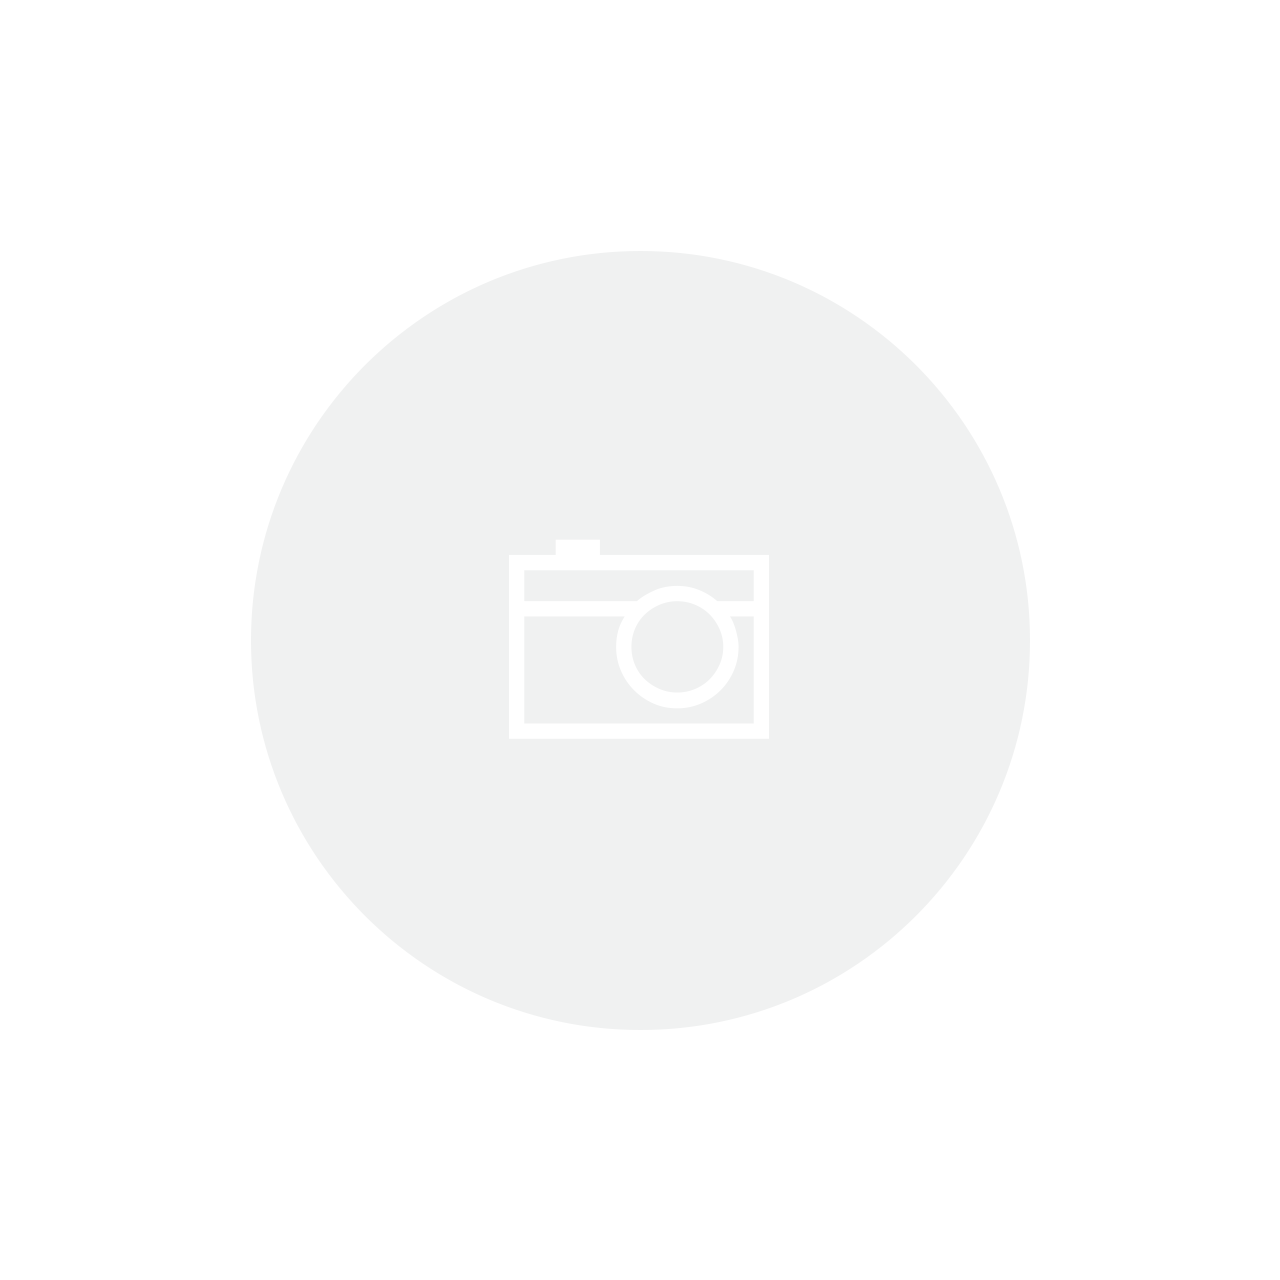 Garfo Trinchante Branco Utilitá Tramontina